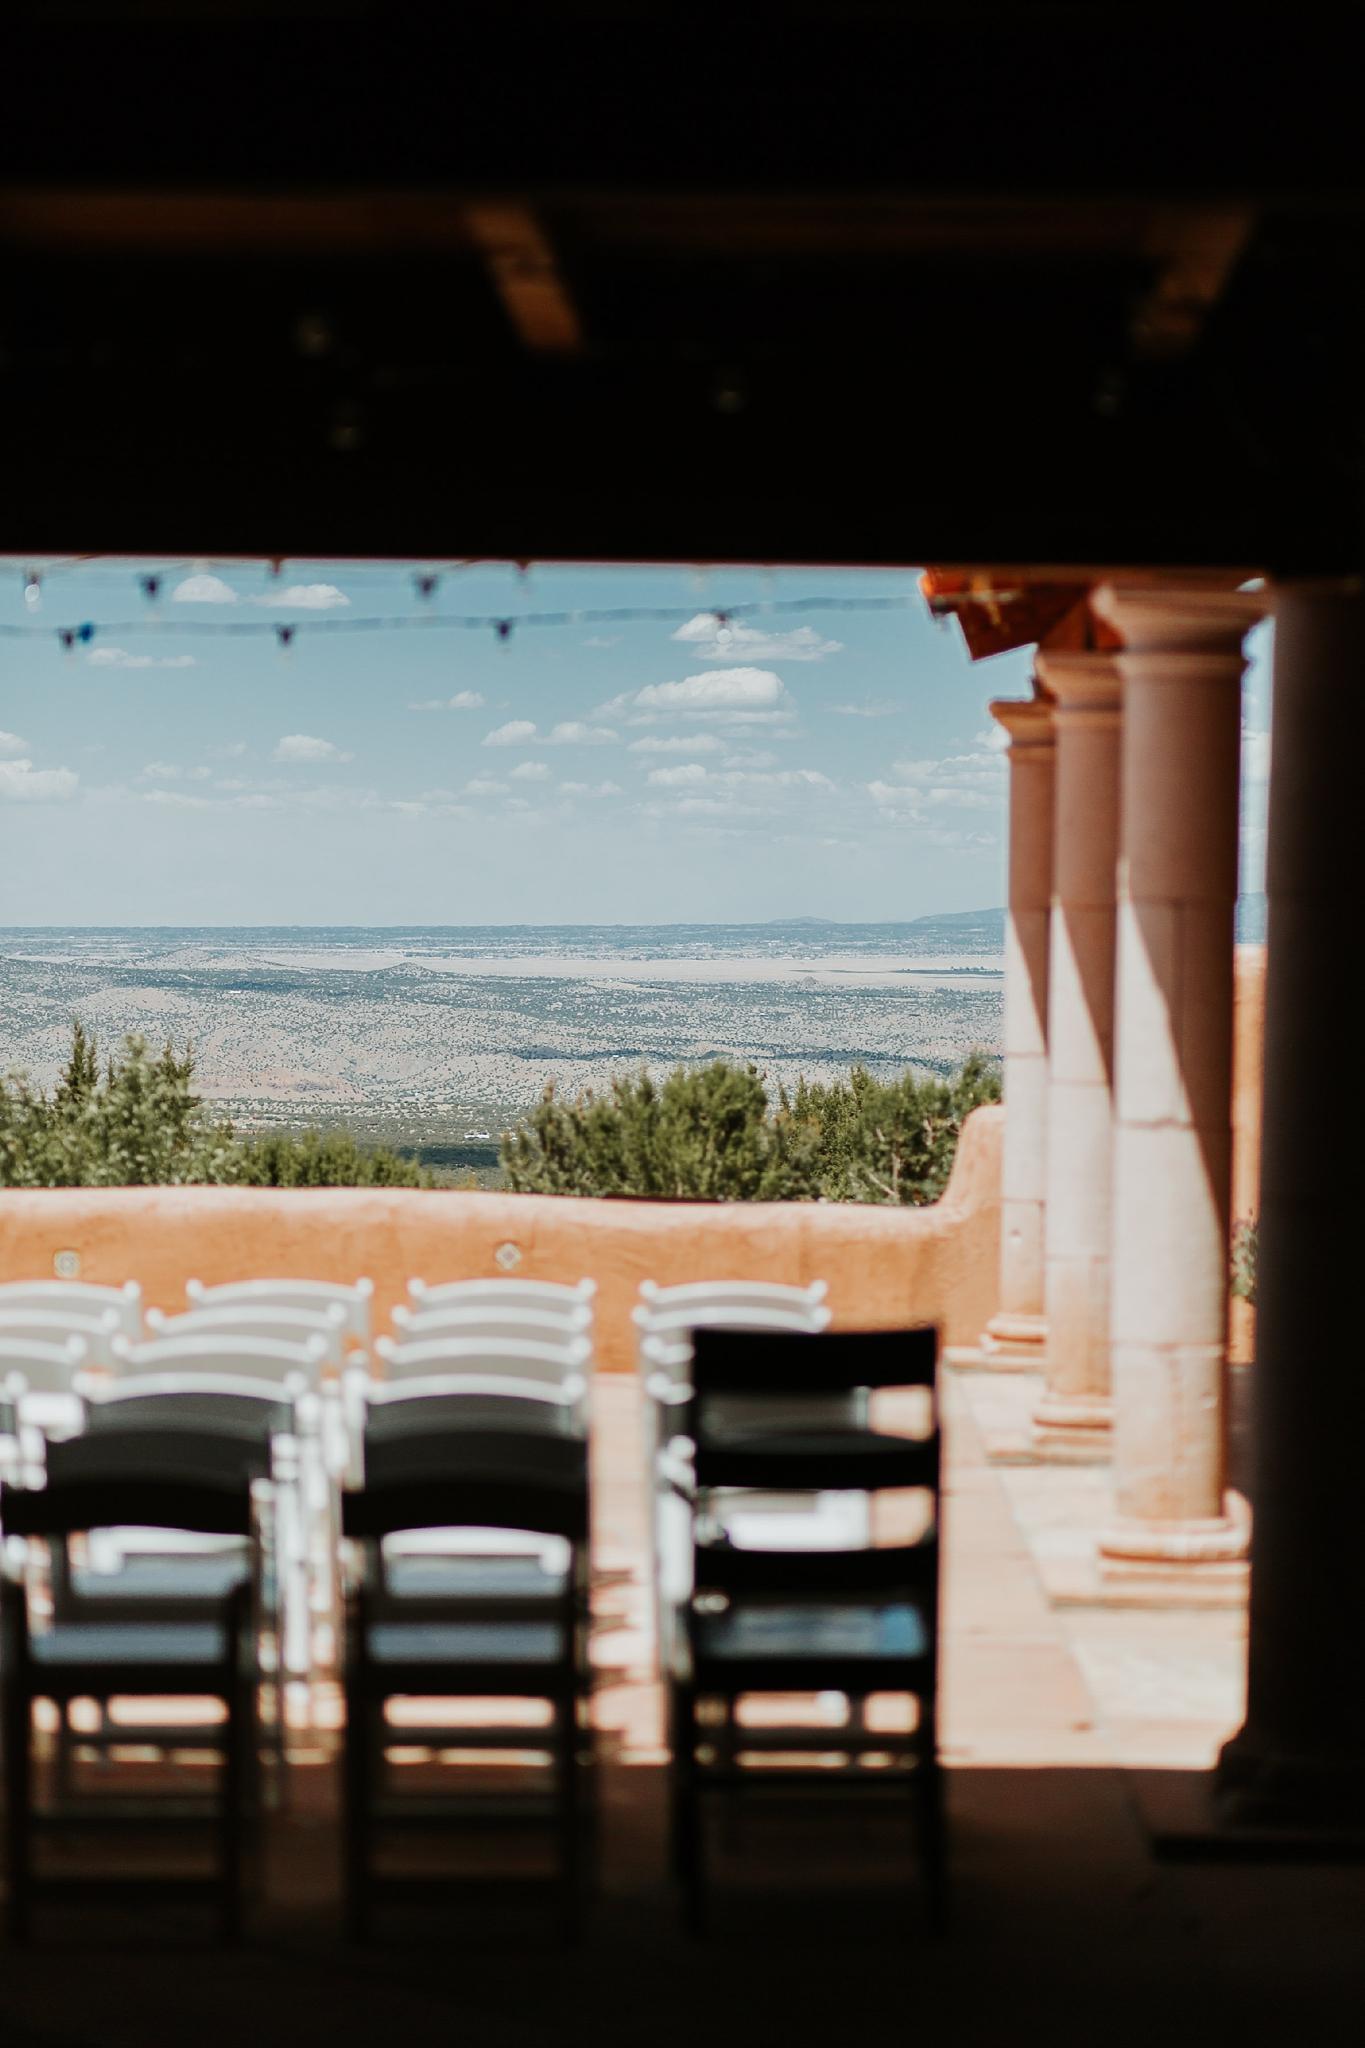 Alicia+lucia+photography+-+albuquerque+wedding+photographer+-+santa+fe+wedding+photography+-+new+mexico+wedding+photographer+-+new+mexico+wedding+-+wedding+venues+-+new+mexico+wedding+venues+-+colorado+wedding+venues_0127.jpg